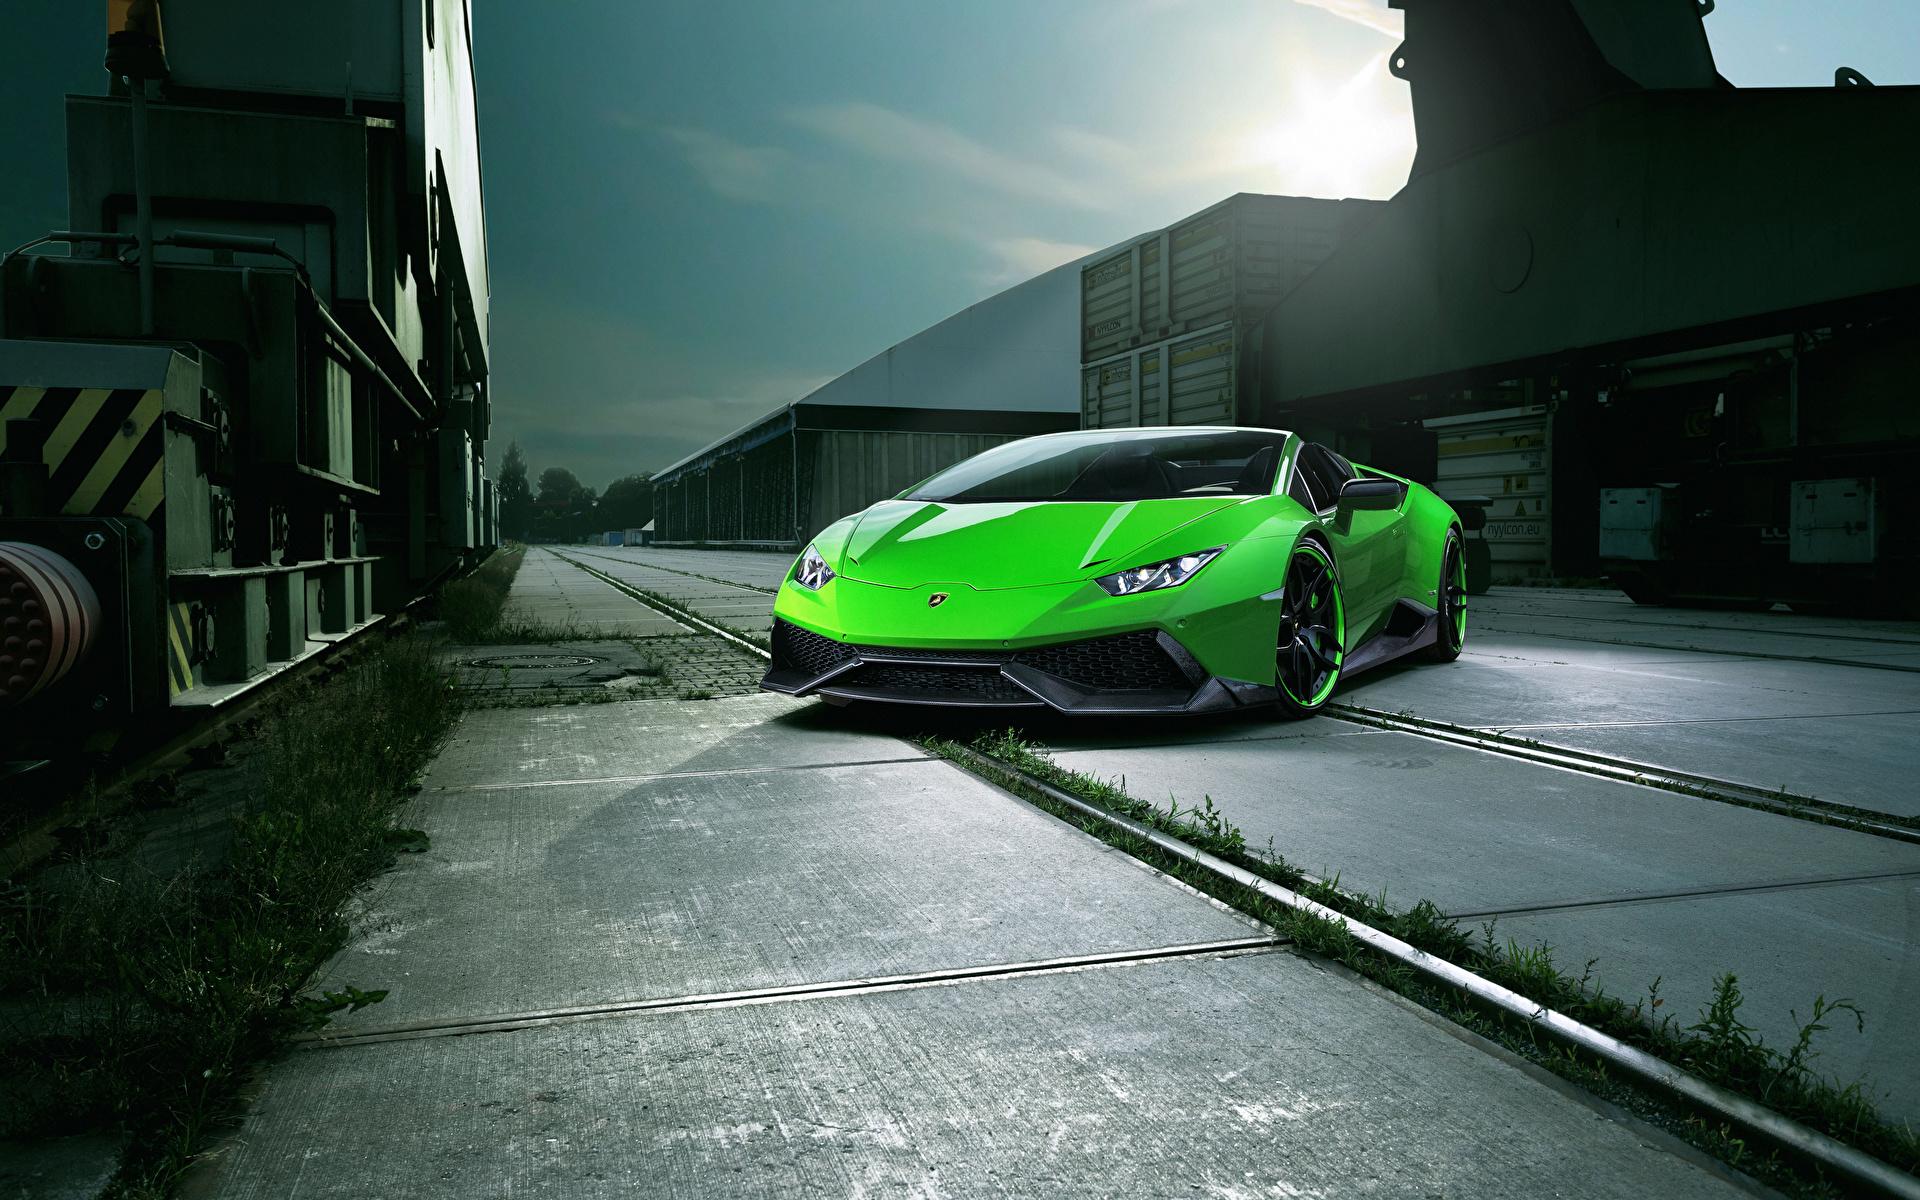 Фотография Ламборгини Huracan Spyder Novitec Torado зеленых Автомобили 1920x1200 Lamborghini Зеленый зеленые зеленая авто машина машины автомобиль